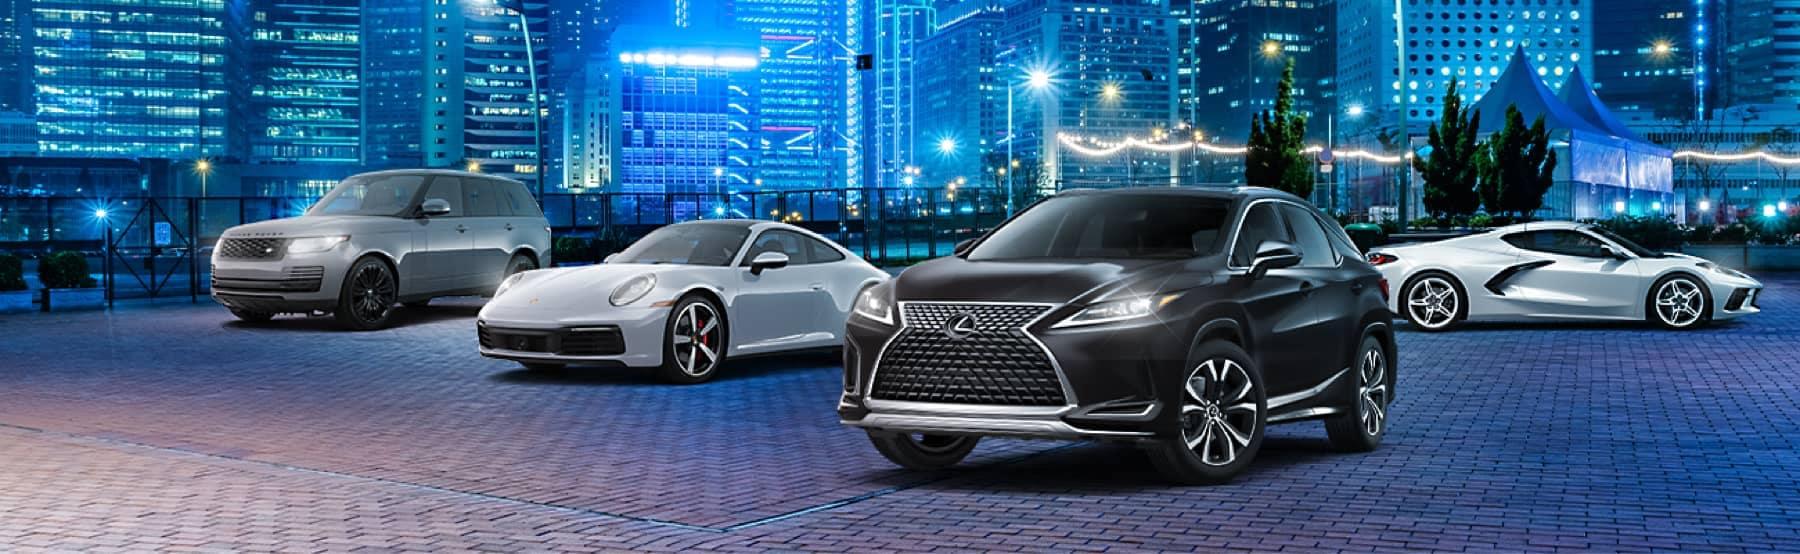 Honda of Newnan - Luxury and Performance Hero image